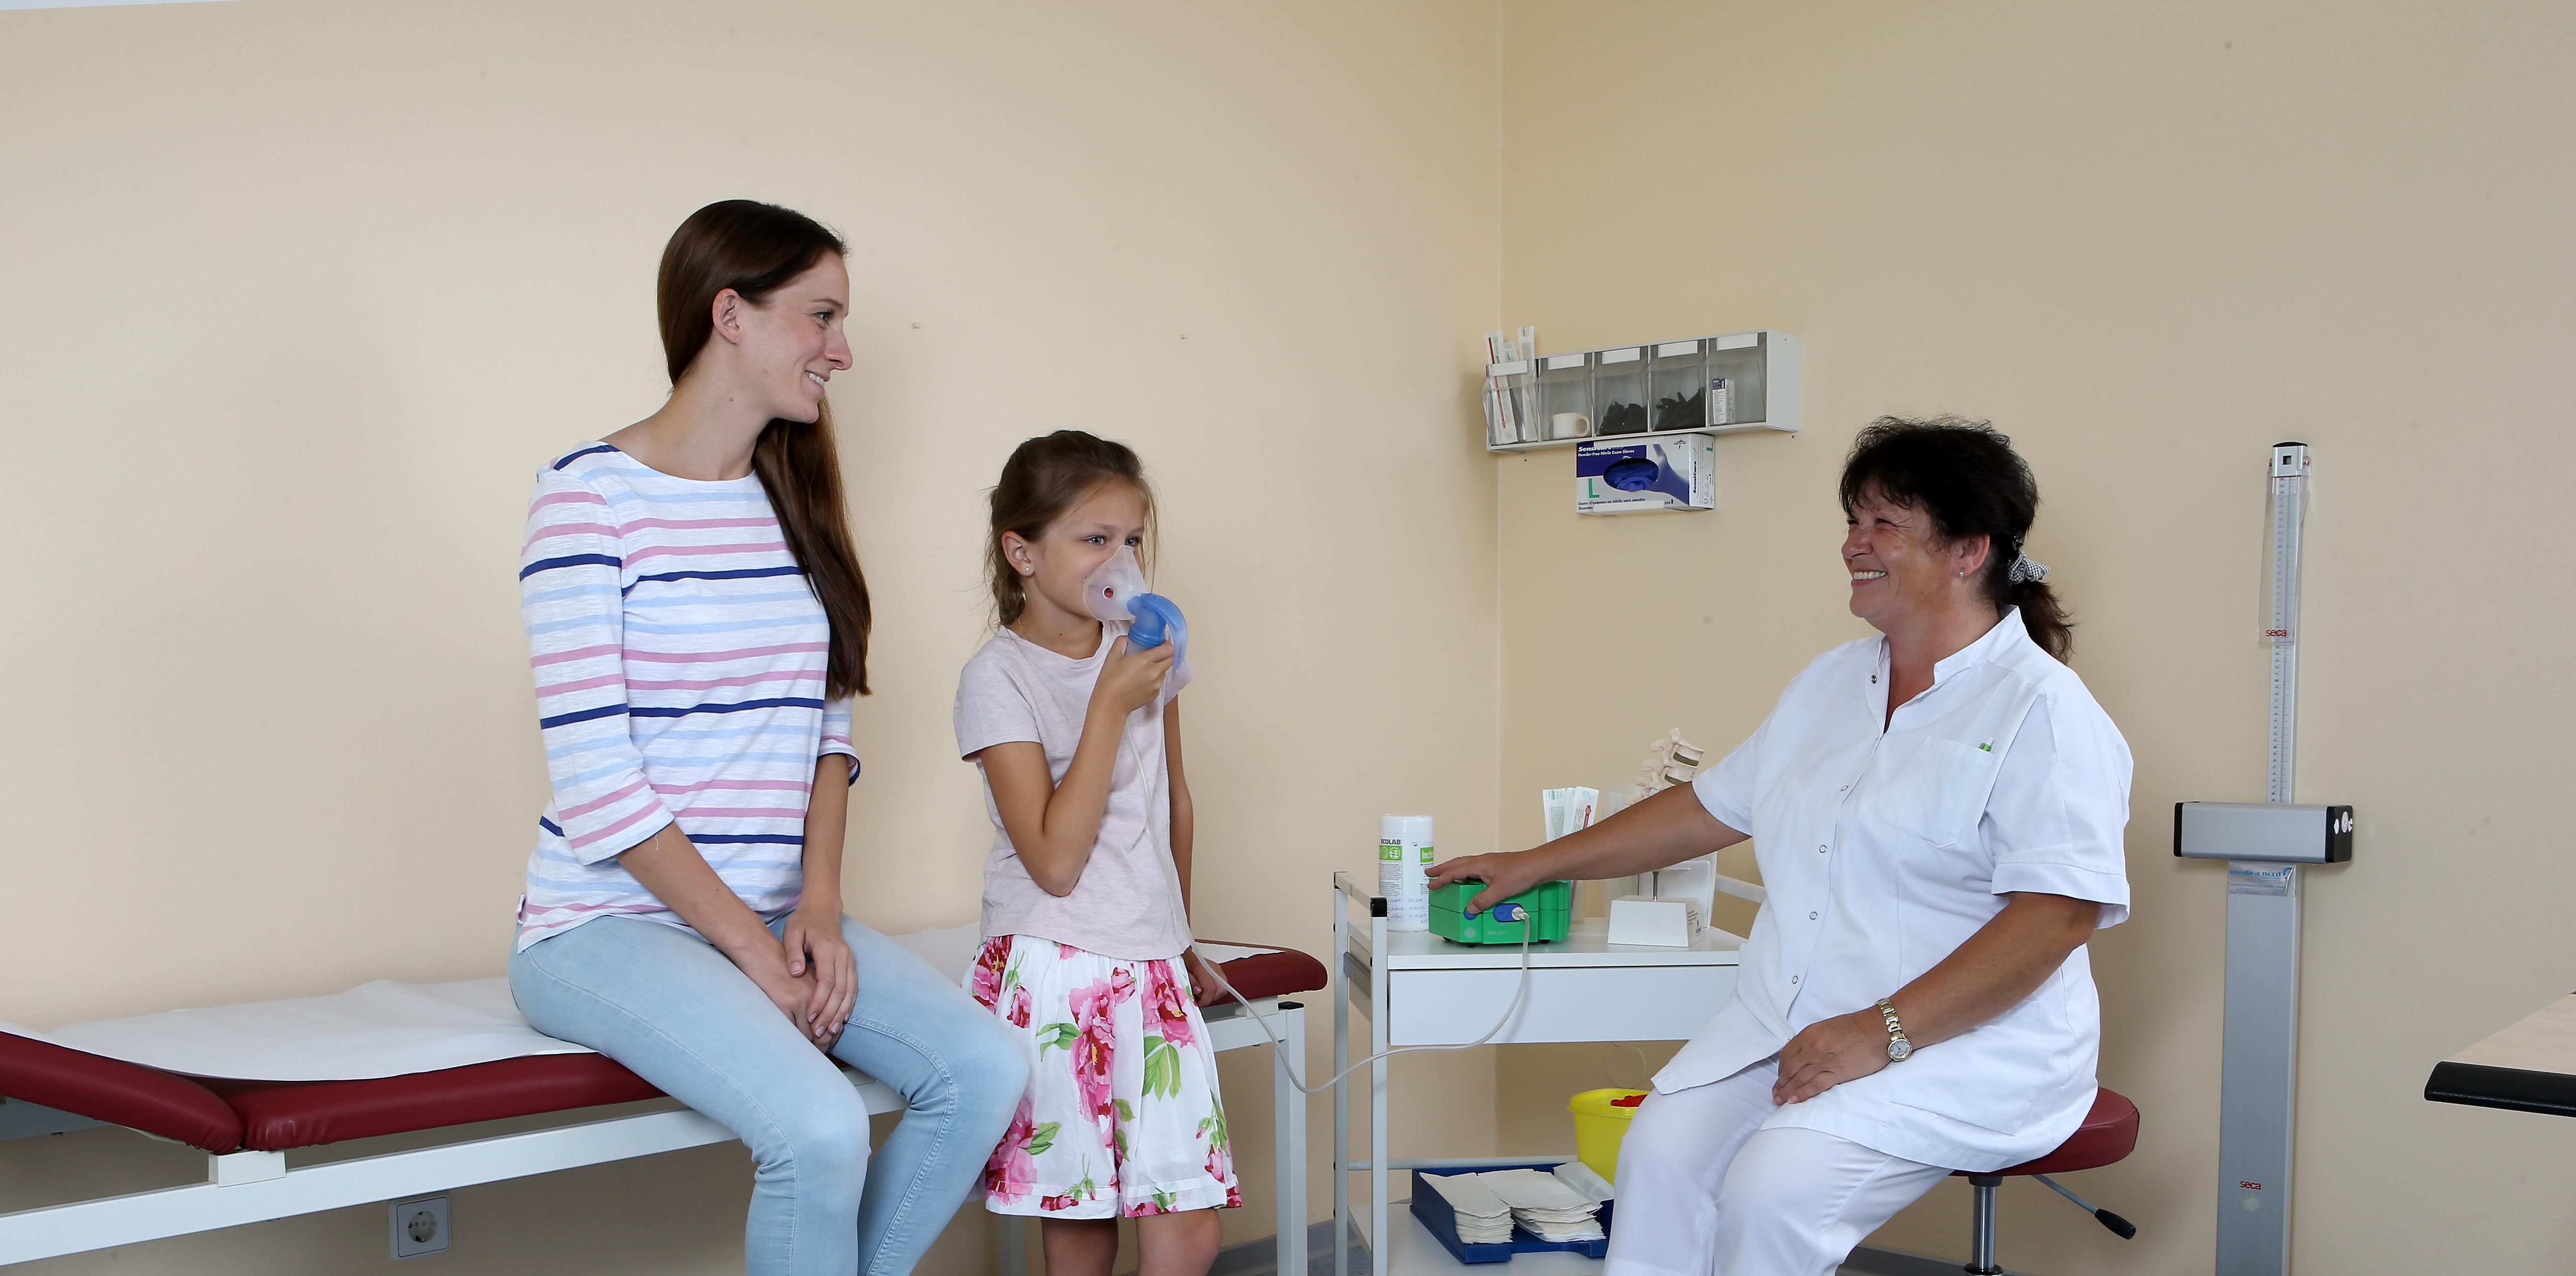 Therapie sowie Behandlungszimmer